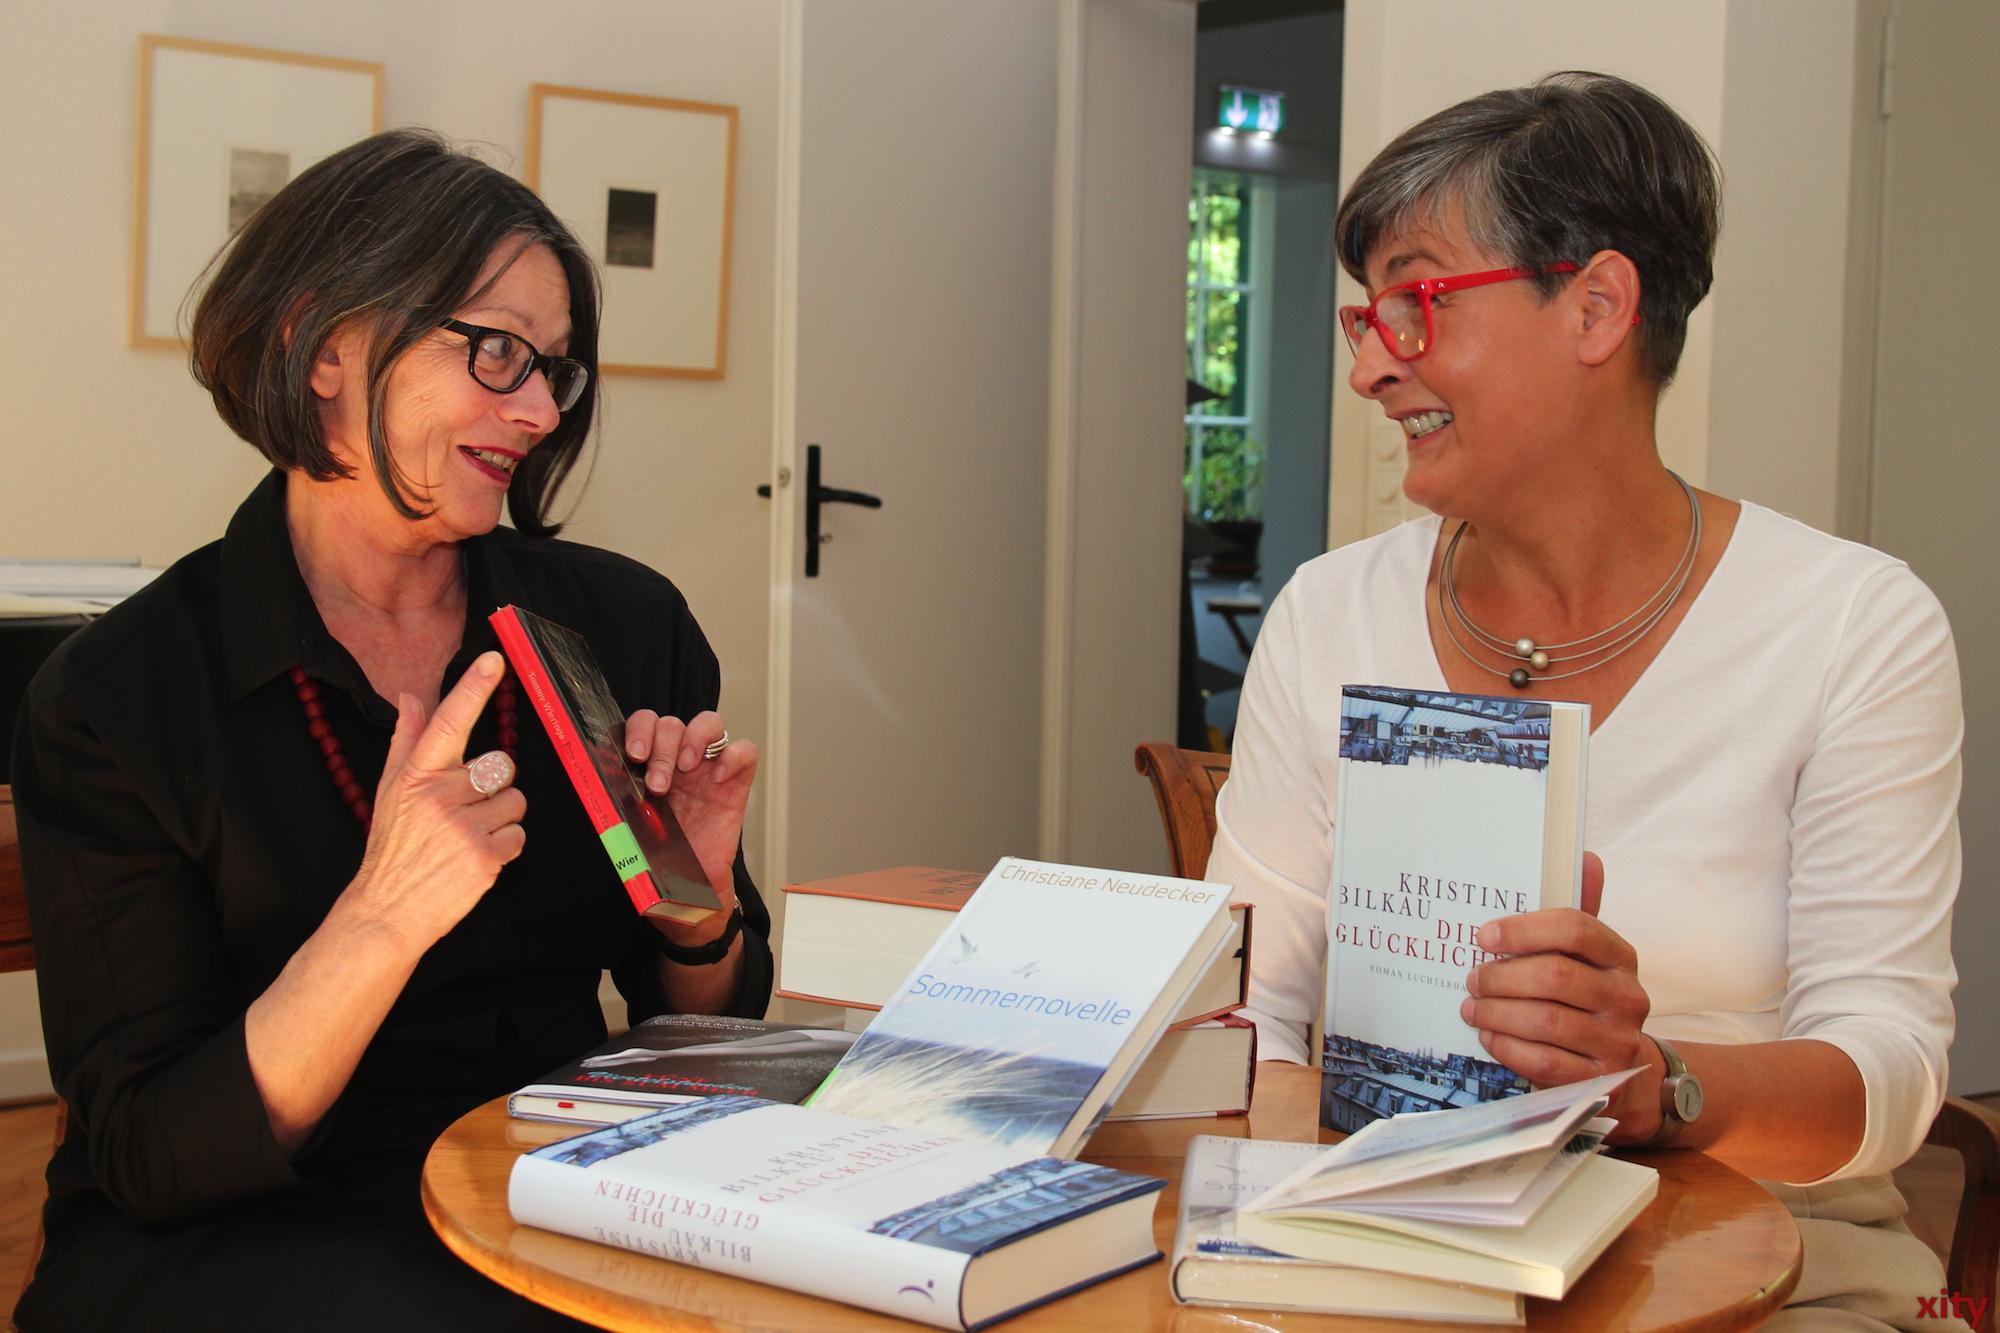 v.l Helga Krall von der Mediothek und Anette Ostrowski veranstalten das Literarischer Sommer. (Foto: xity)